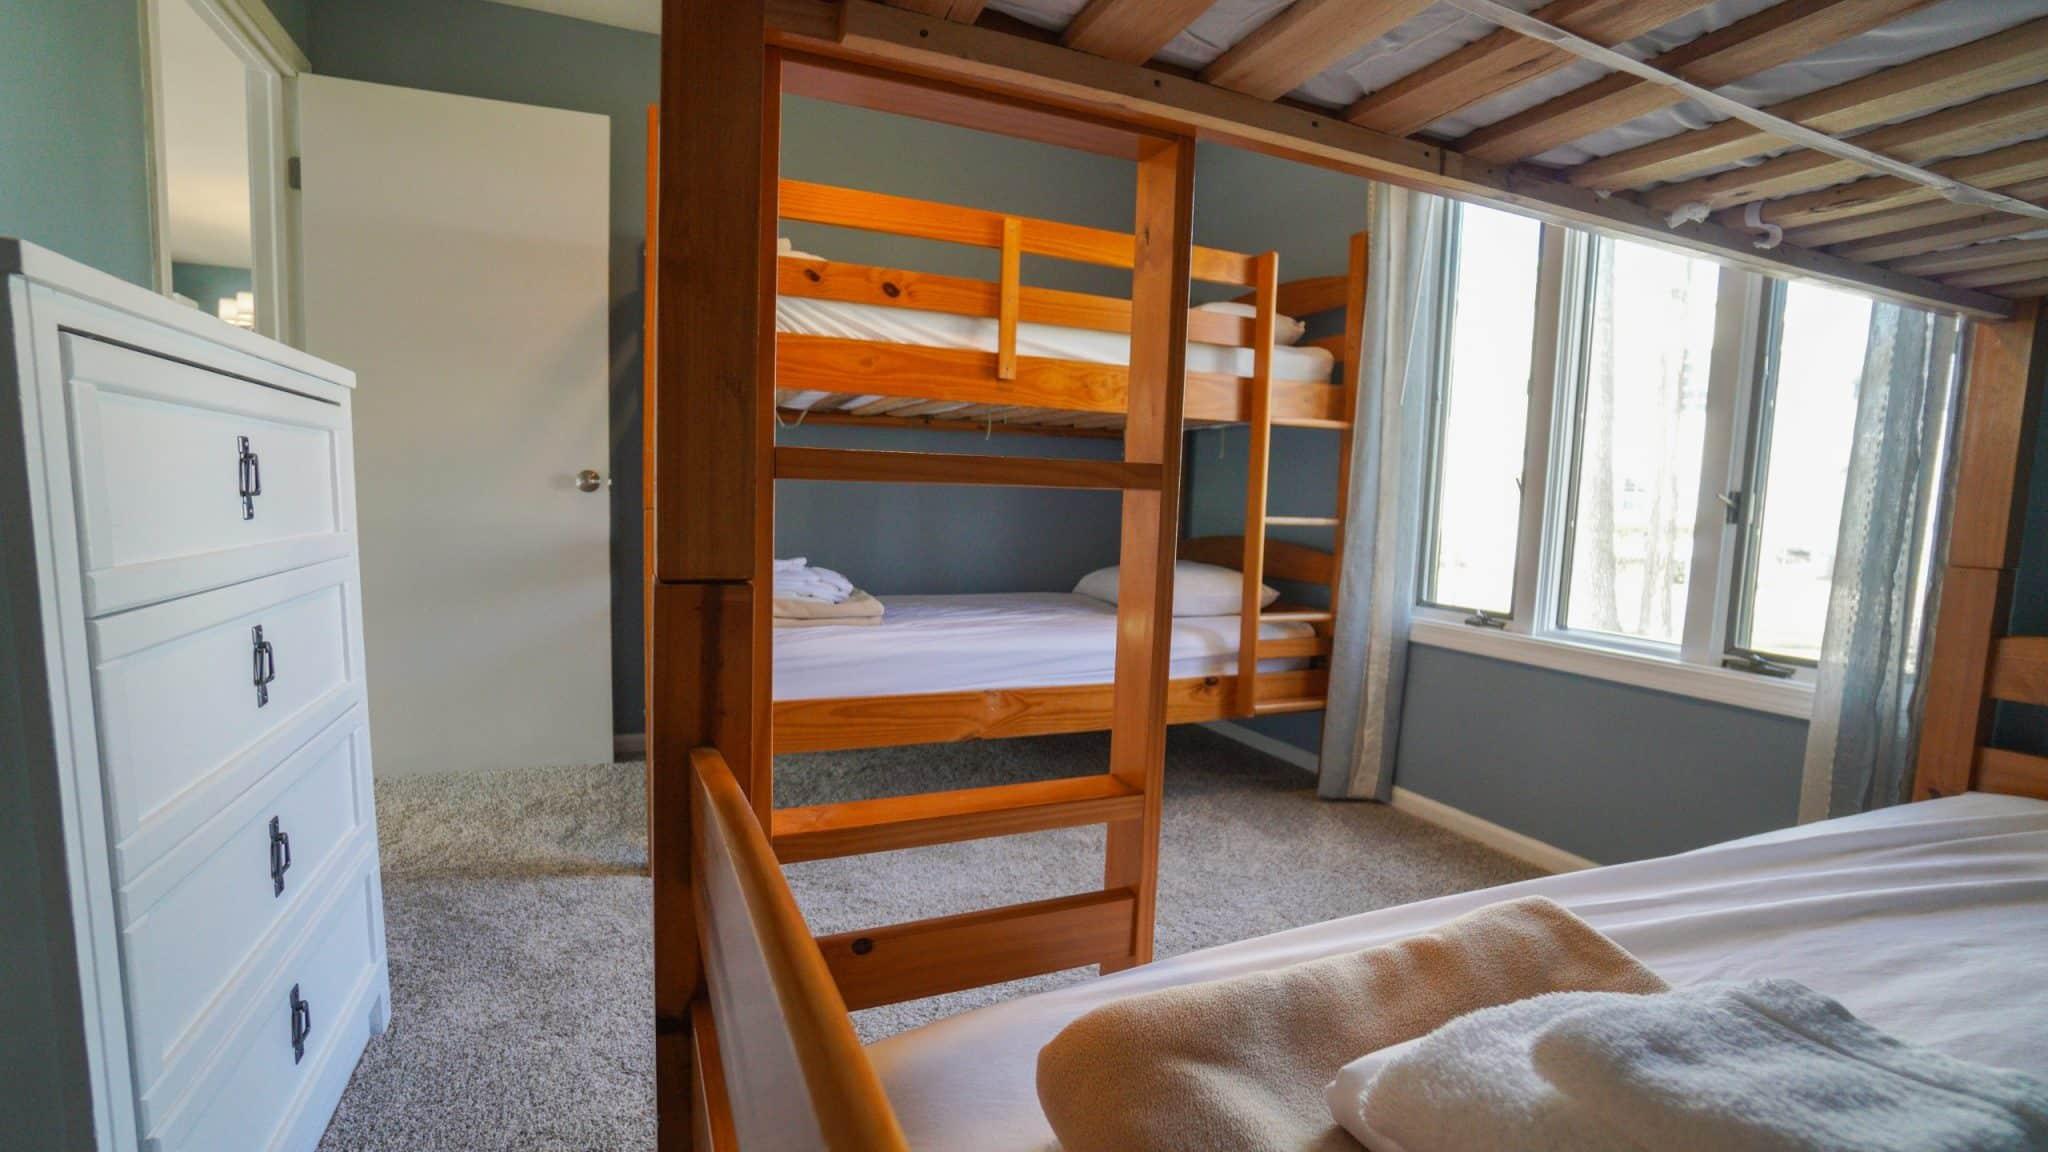 Titus Bedroom